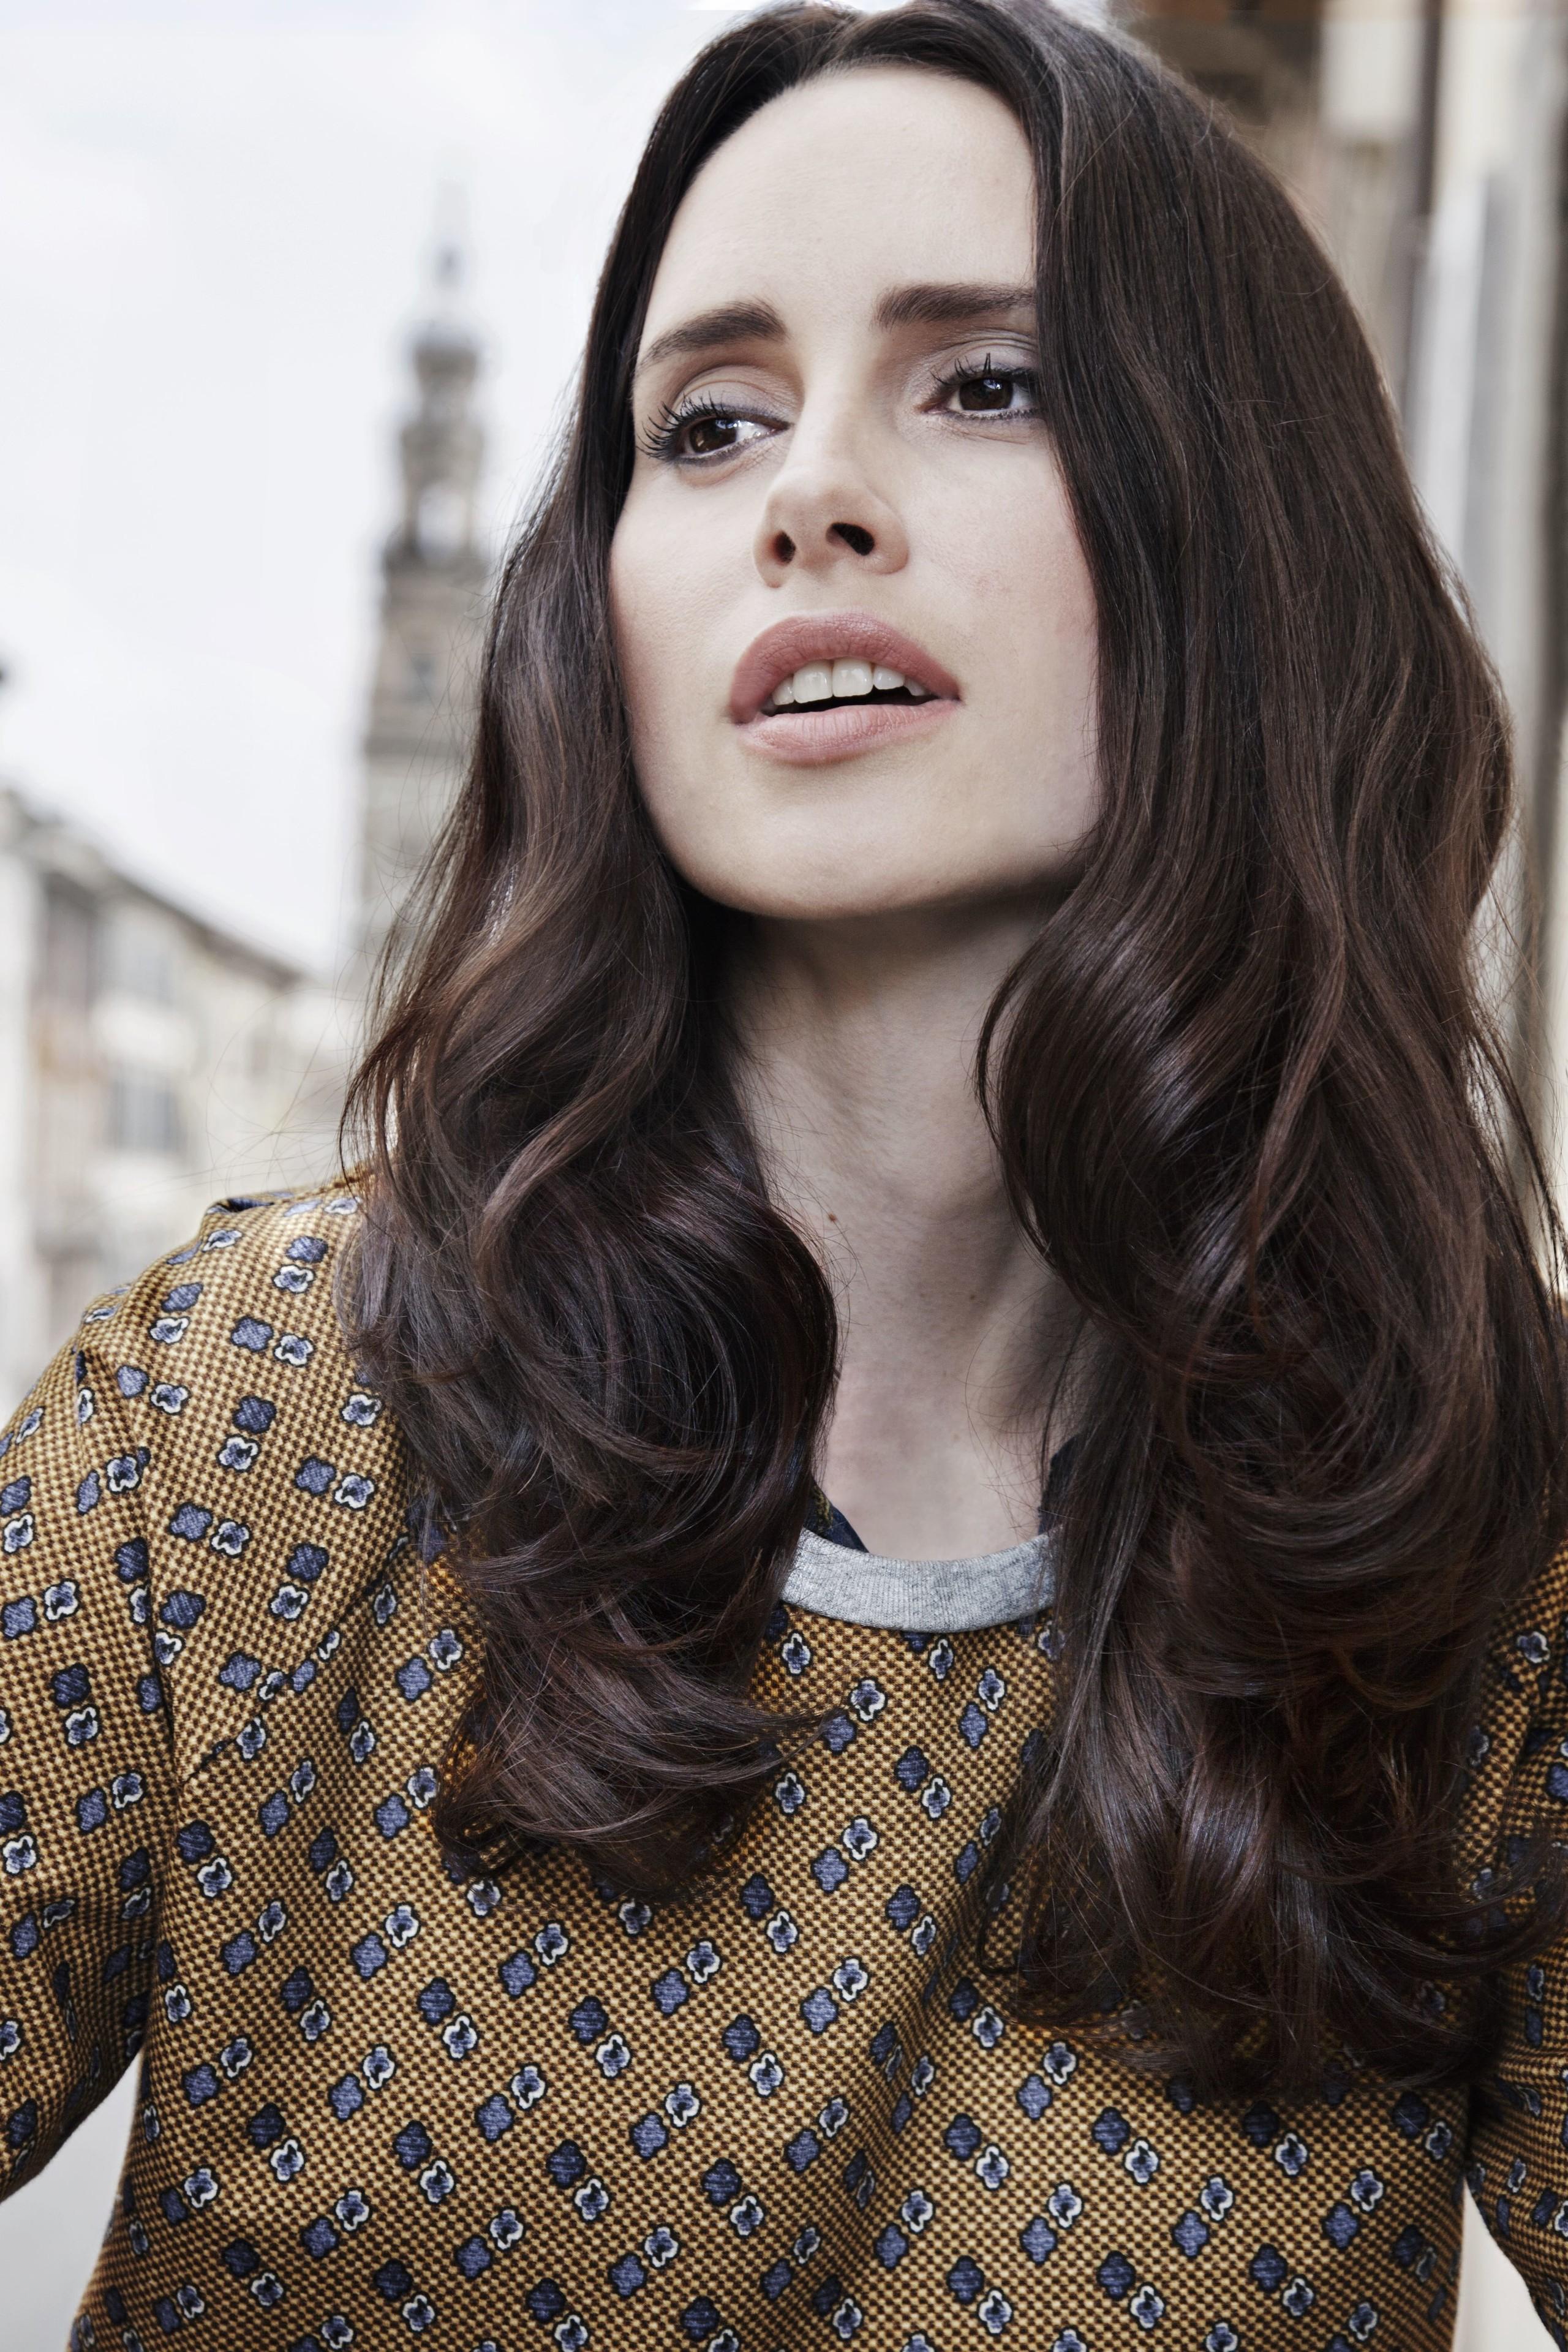 Foto de 11 propuestas muy primaverales (e ideales) para el cabello del estilista Rossano Ferretti, el nuevo embajador global de Coty (8/11)